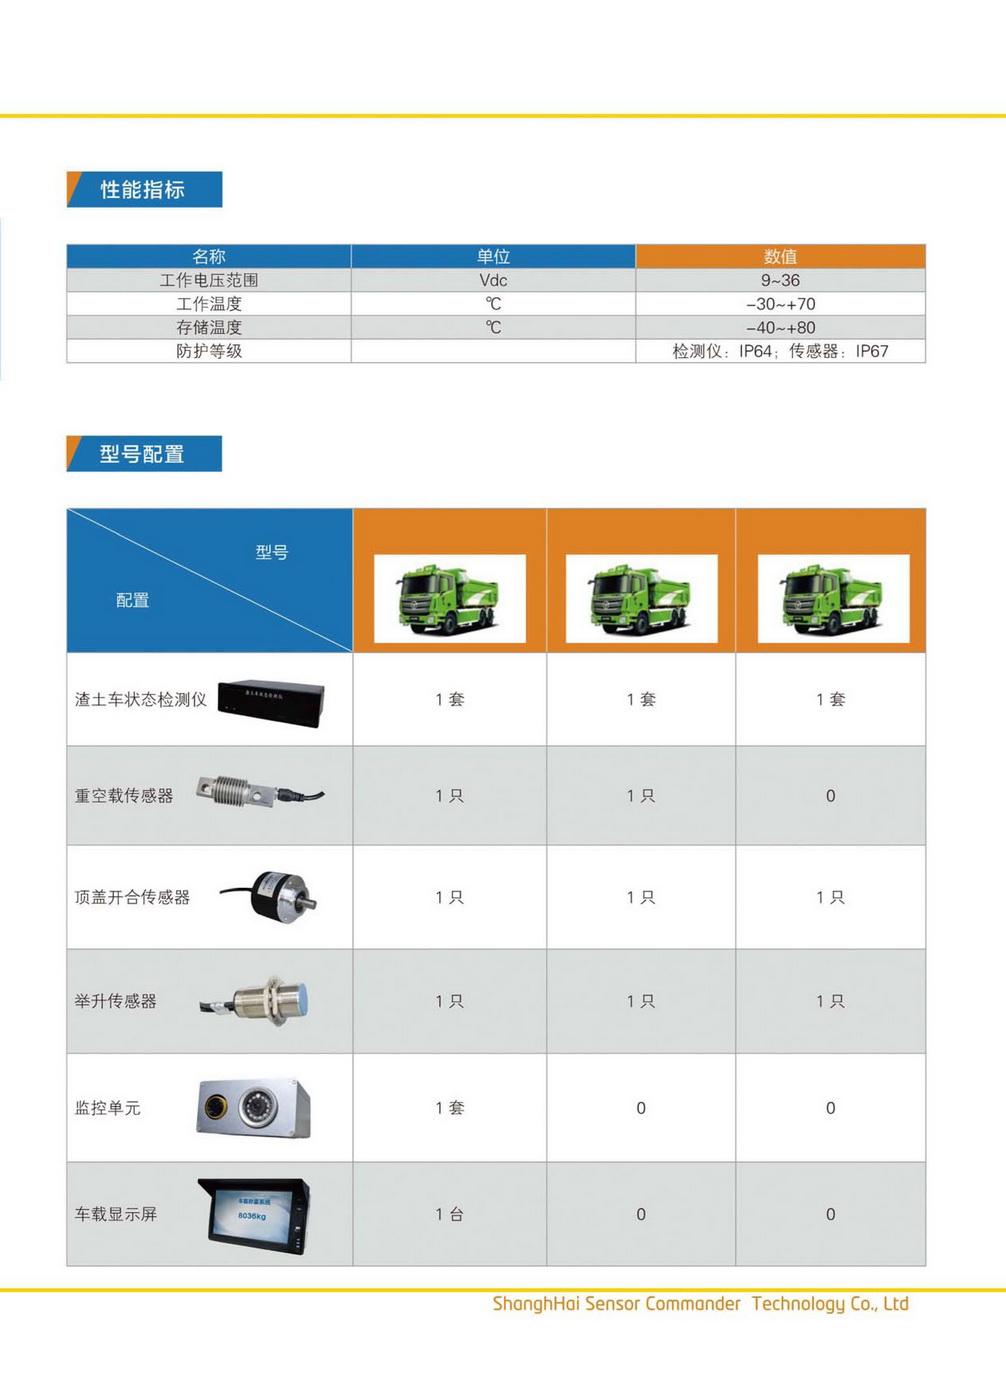 尚测科技产品选型手册 V1.3_页面_86_调整大小.jpg